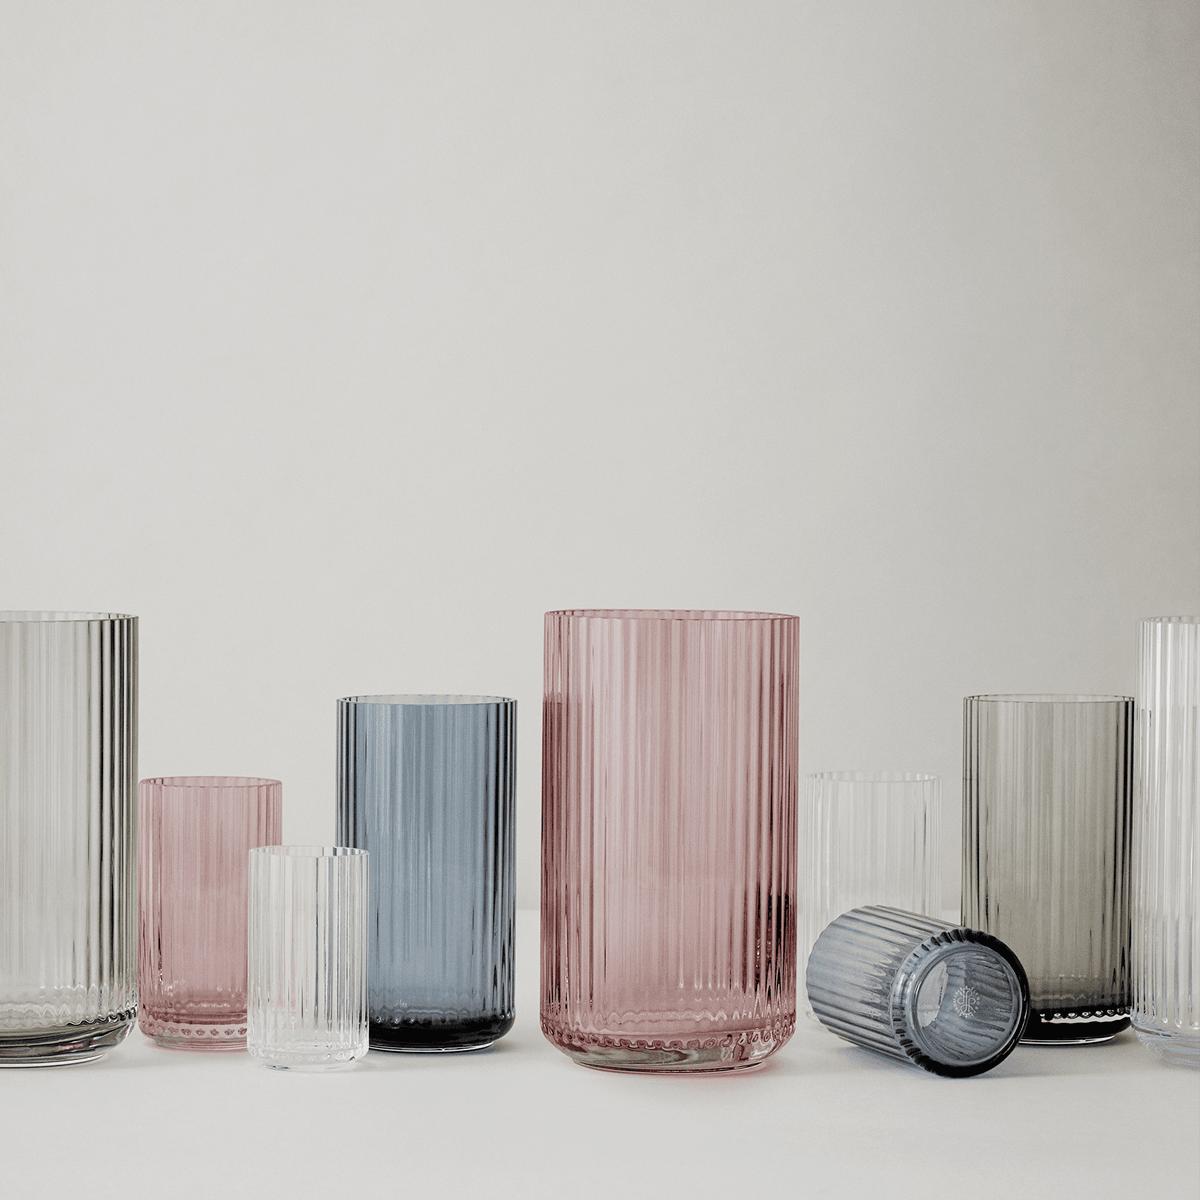 lyngby vase 12cm glass clear en ekte designklassiker. Black Bedroom Furniture Sets. Home Design Ideas